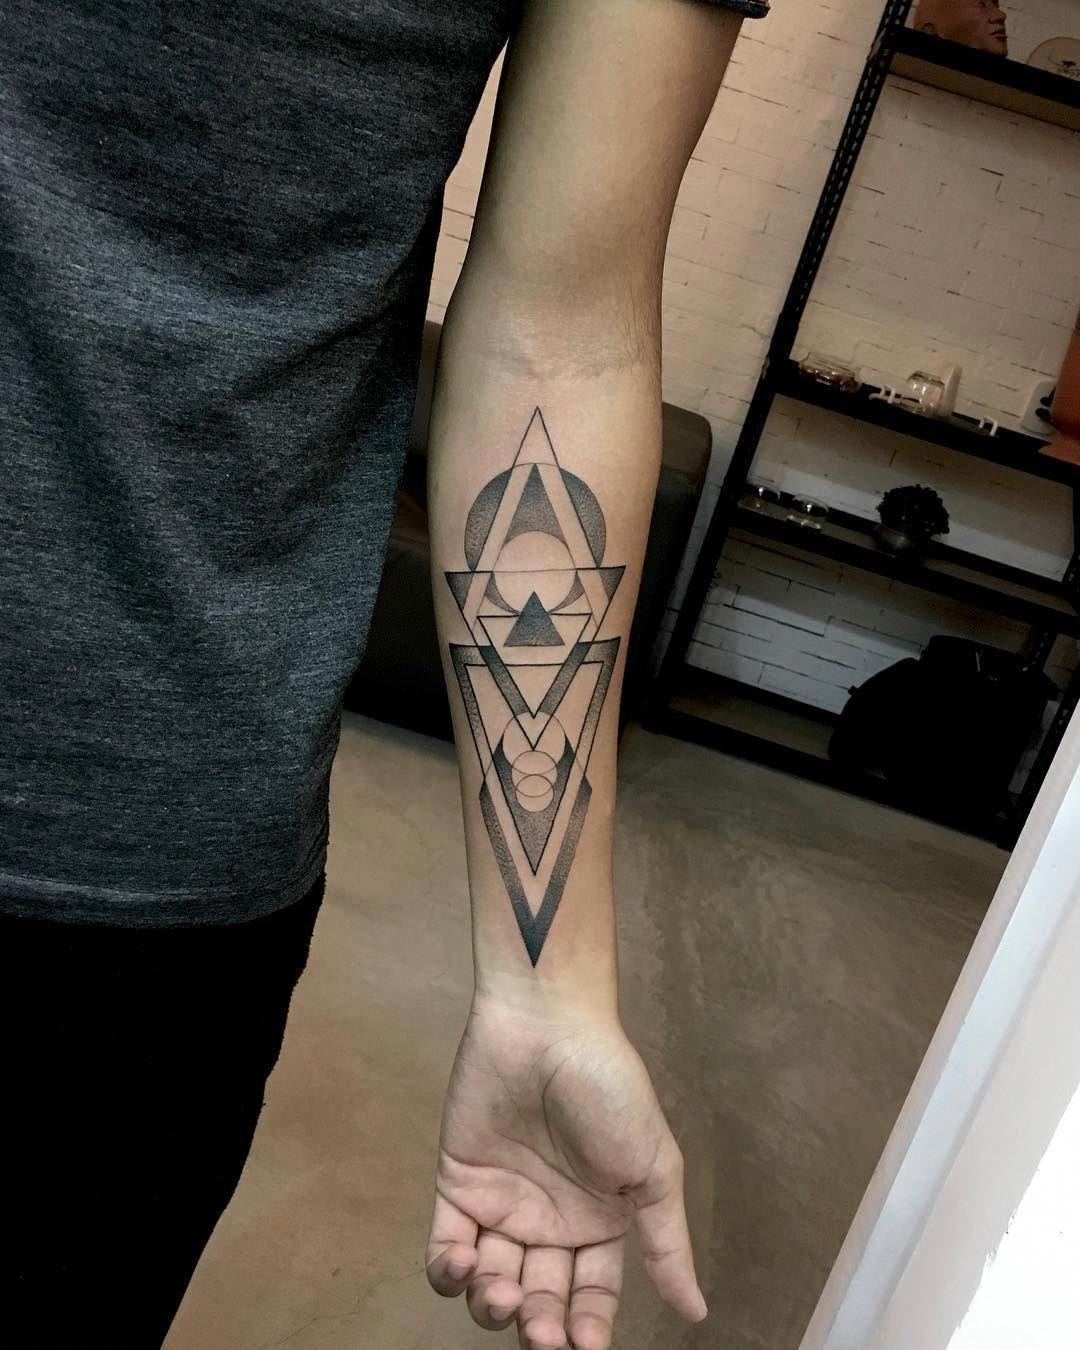 Cool Geometric Tattoo Tatuaje Tatuagem Tattoo2me Tattoo Tattooartist Blackwork Blackink Geometrictatt Geometric Tattoo Tattoos Geometric Tattoo Design